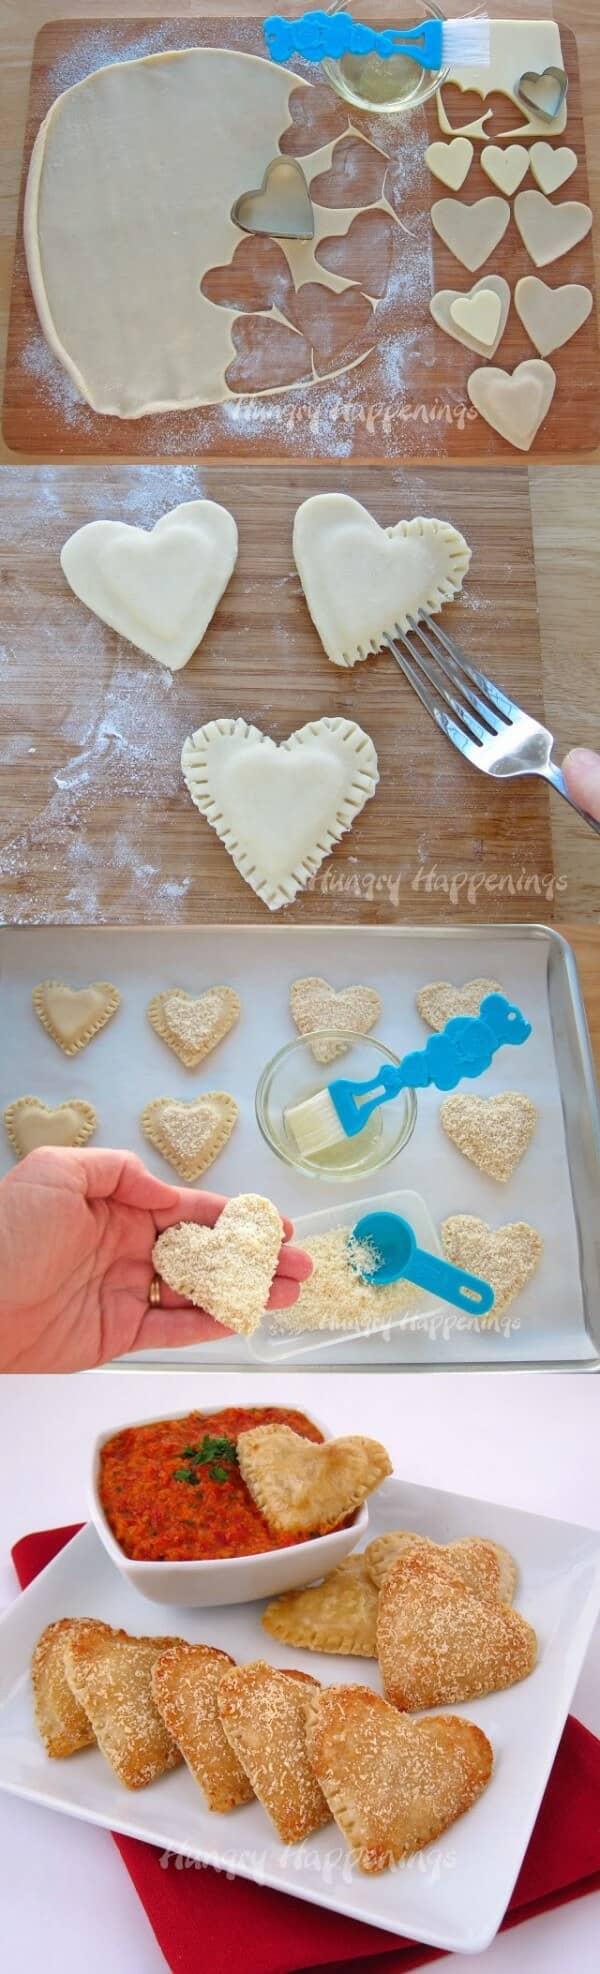 Mozzarella Hearts to Dip in Love